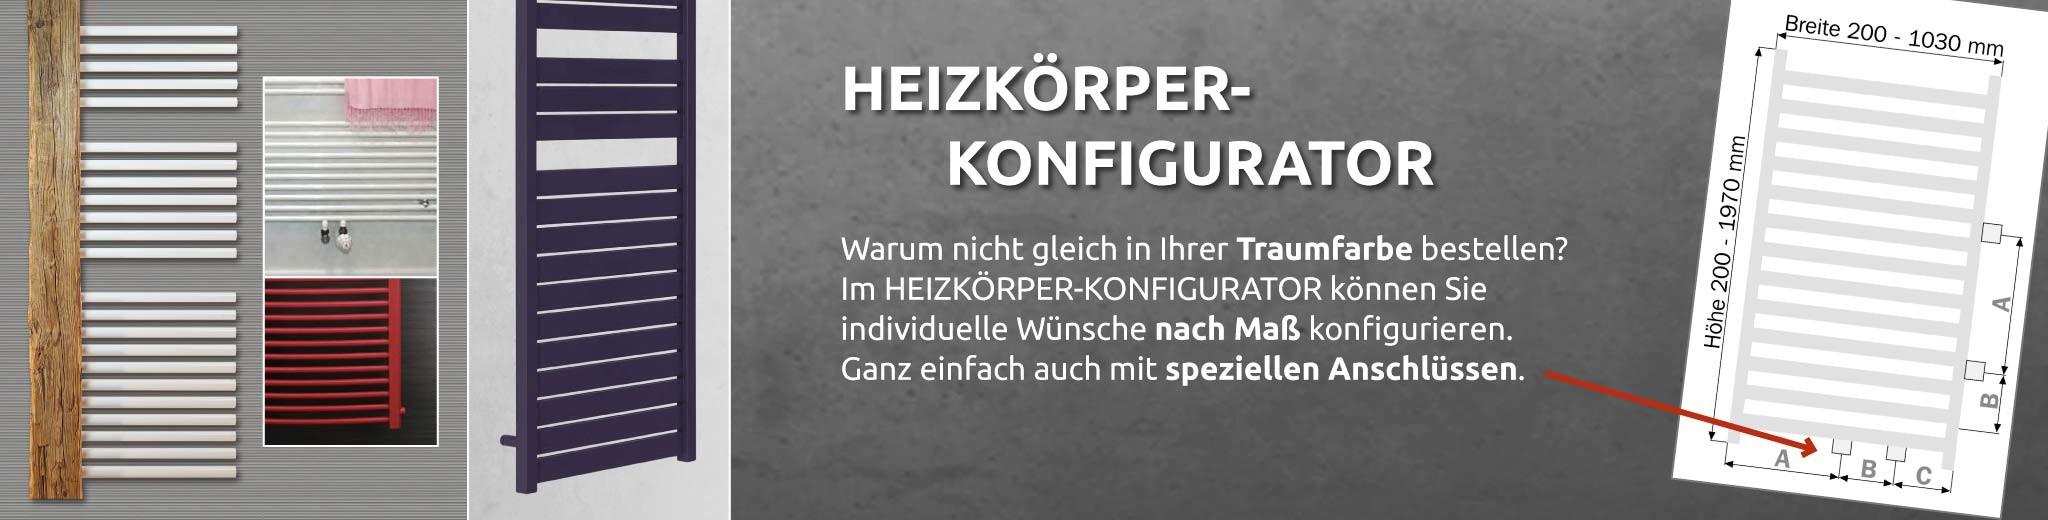 Heizkoerper-Konfigurator